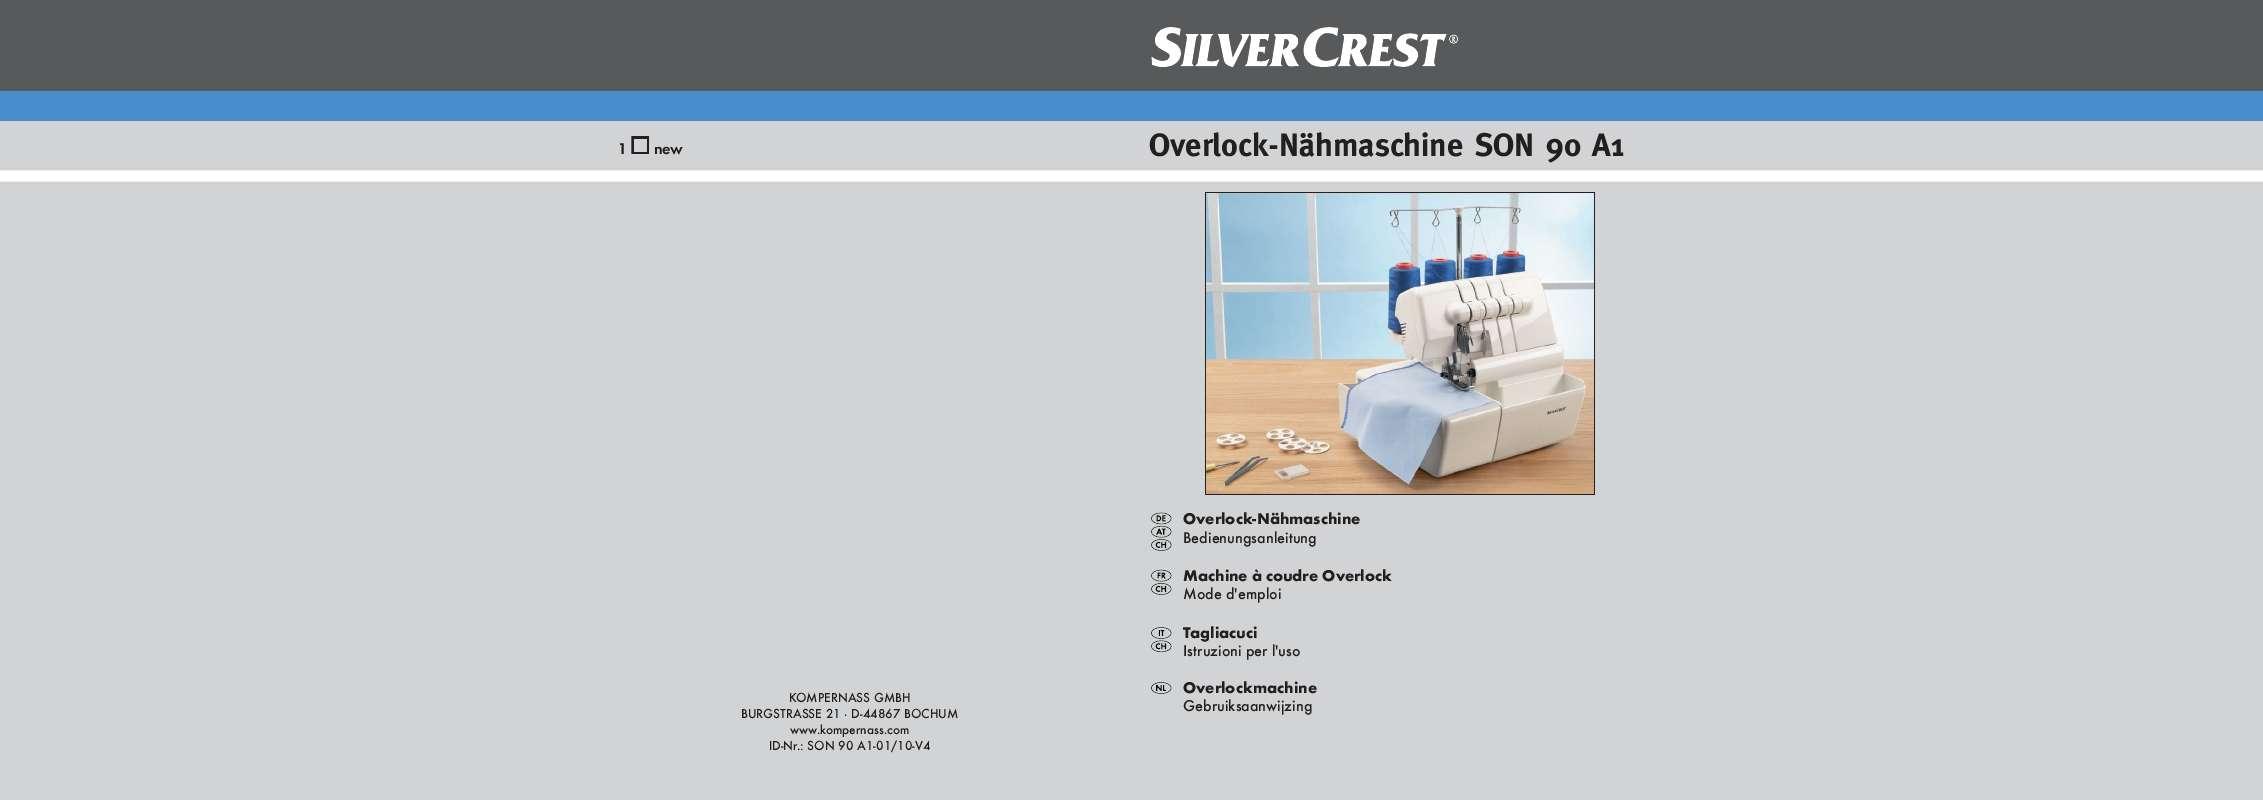 Guide utilisation SILVERCREST SON 90 A1 OVERLOCK SEWING MACHINE  de la marque SILVERCREST